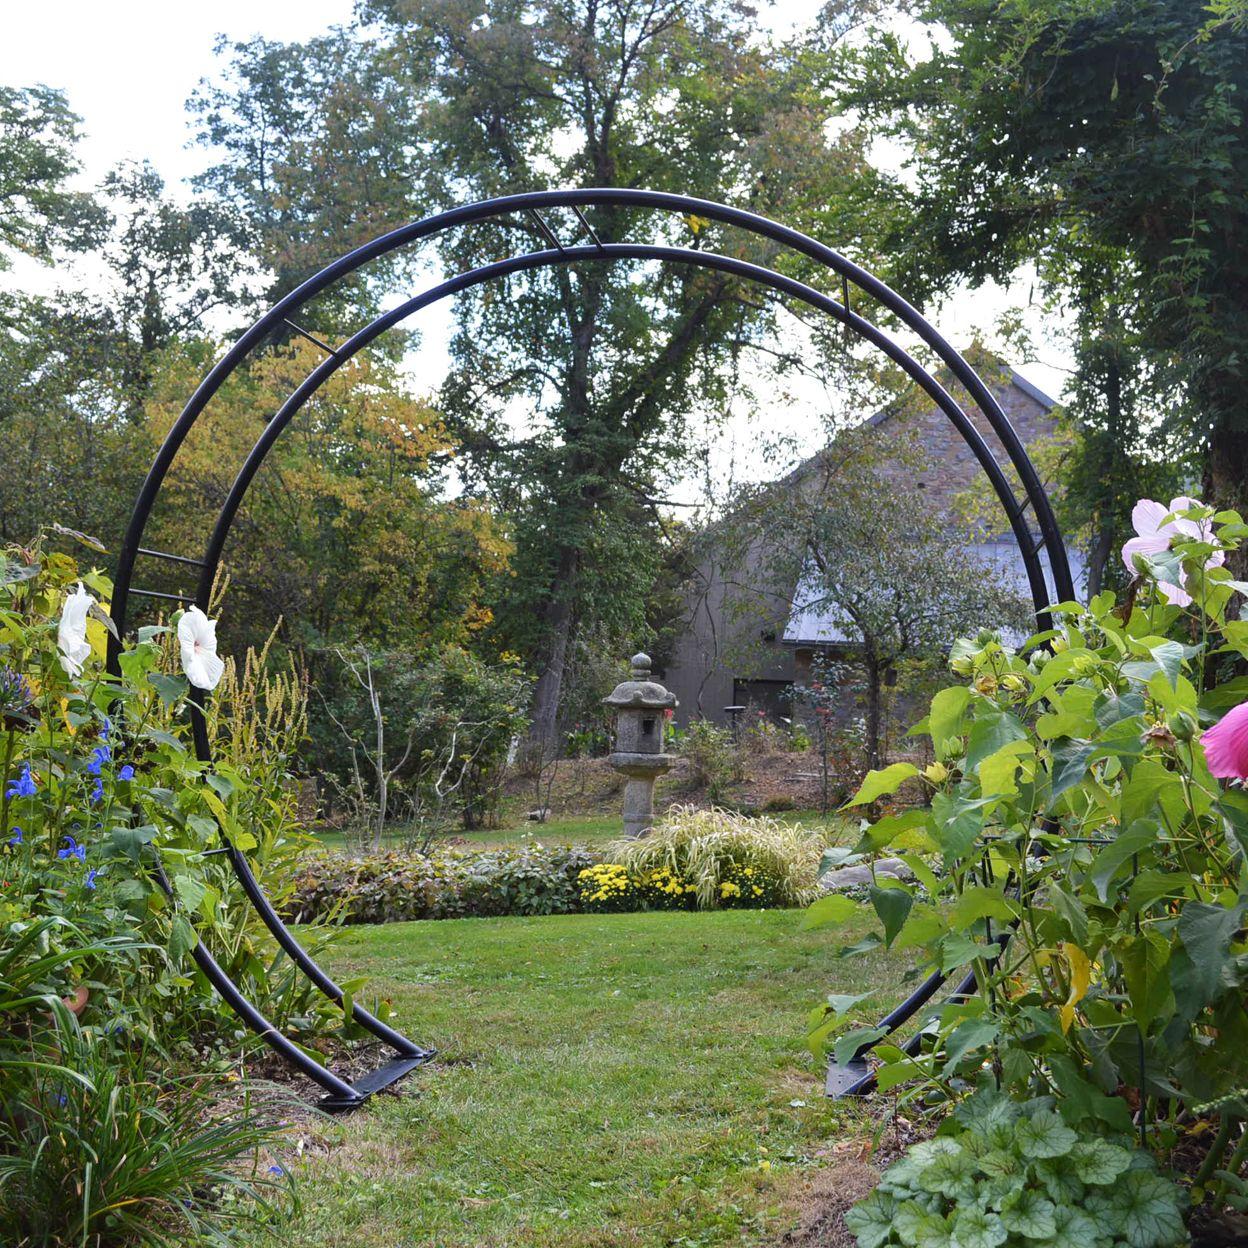 Rosenbogen Modern kinsman co 108 moon gate 108 h x 120 w garden ideas